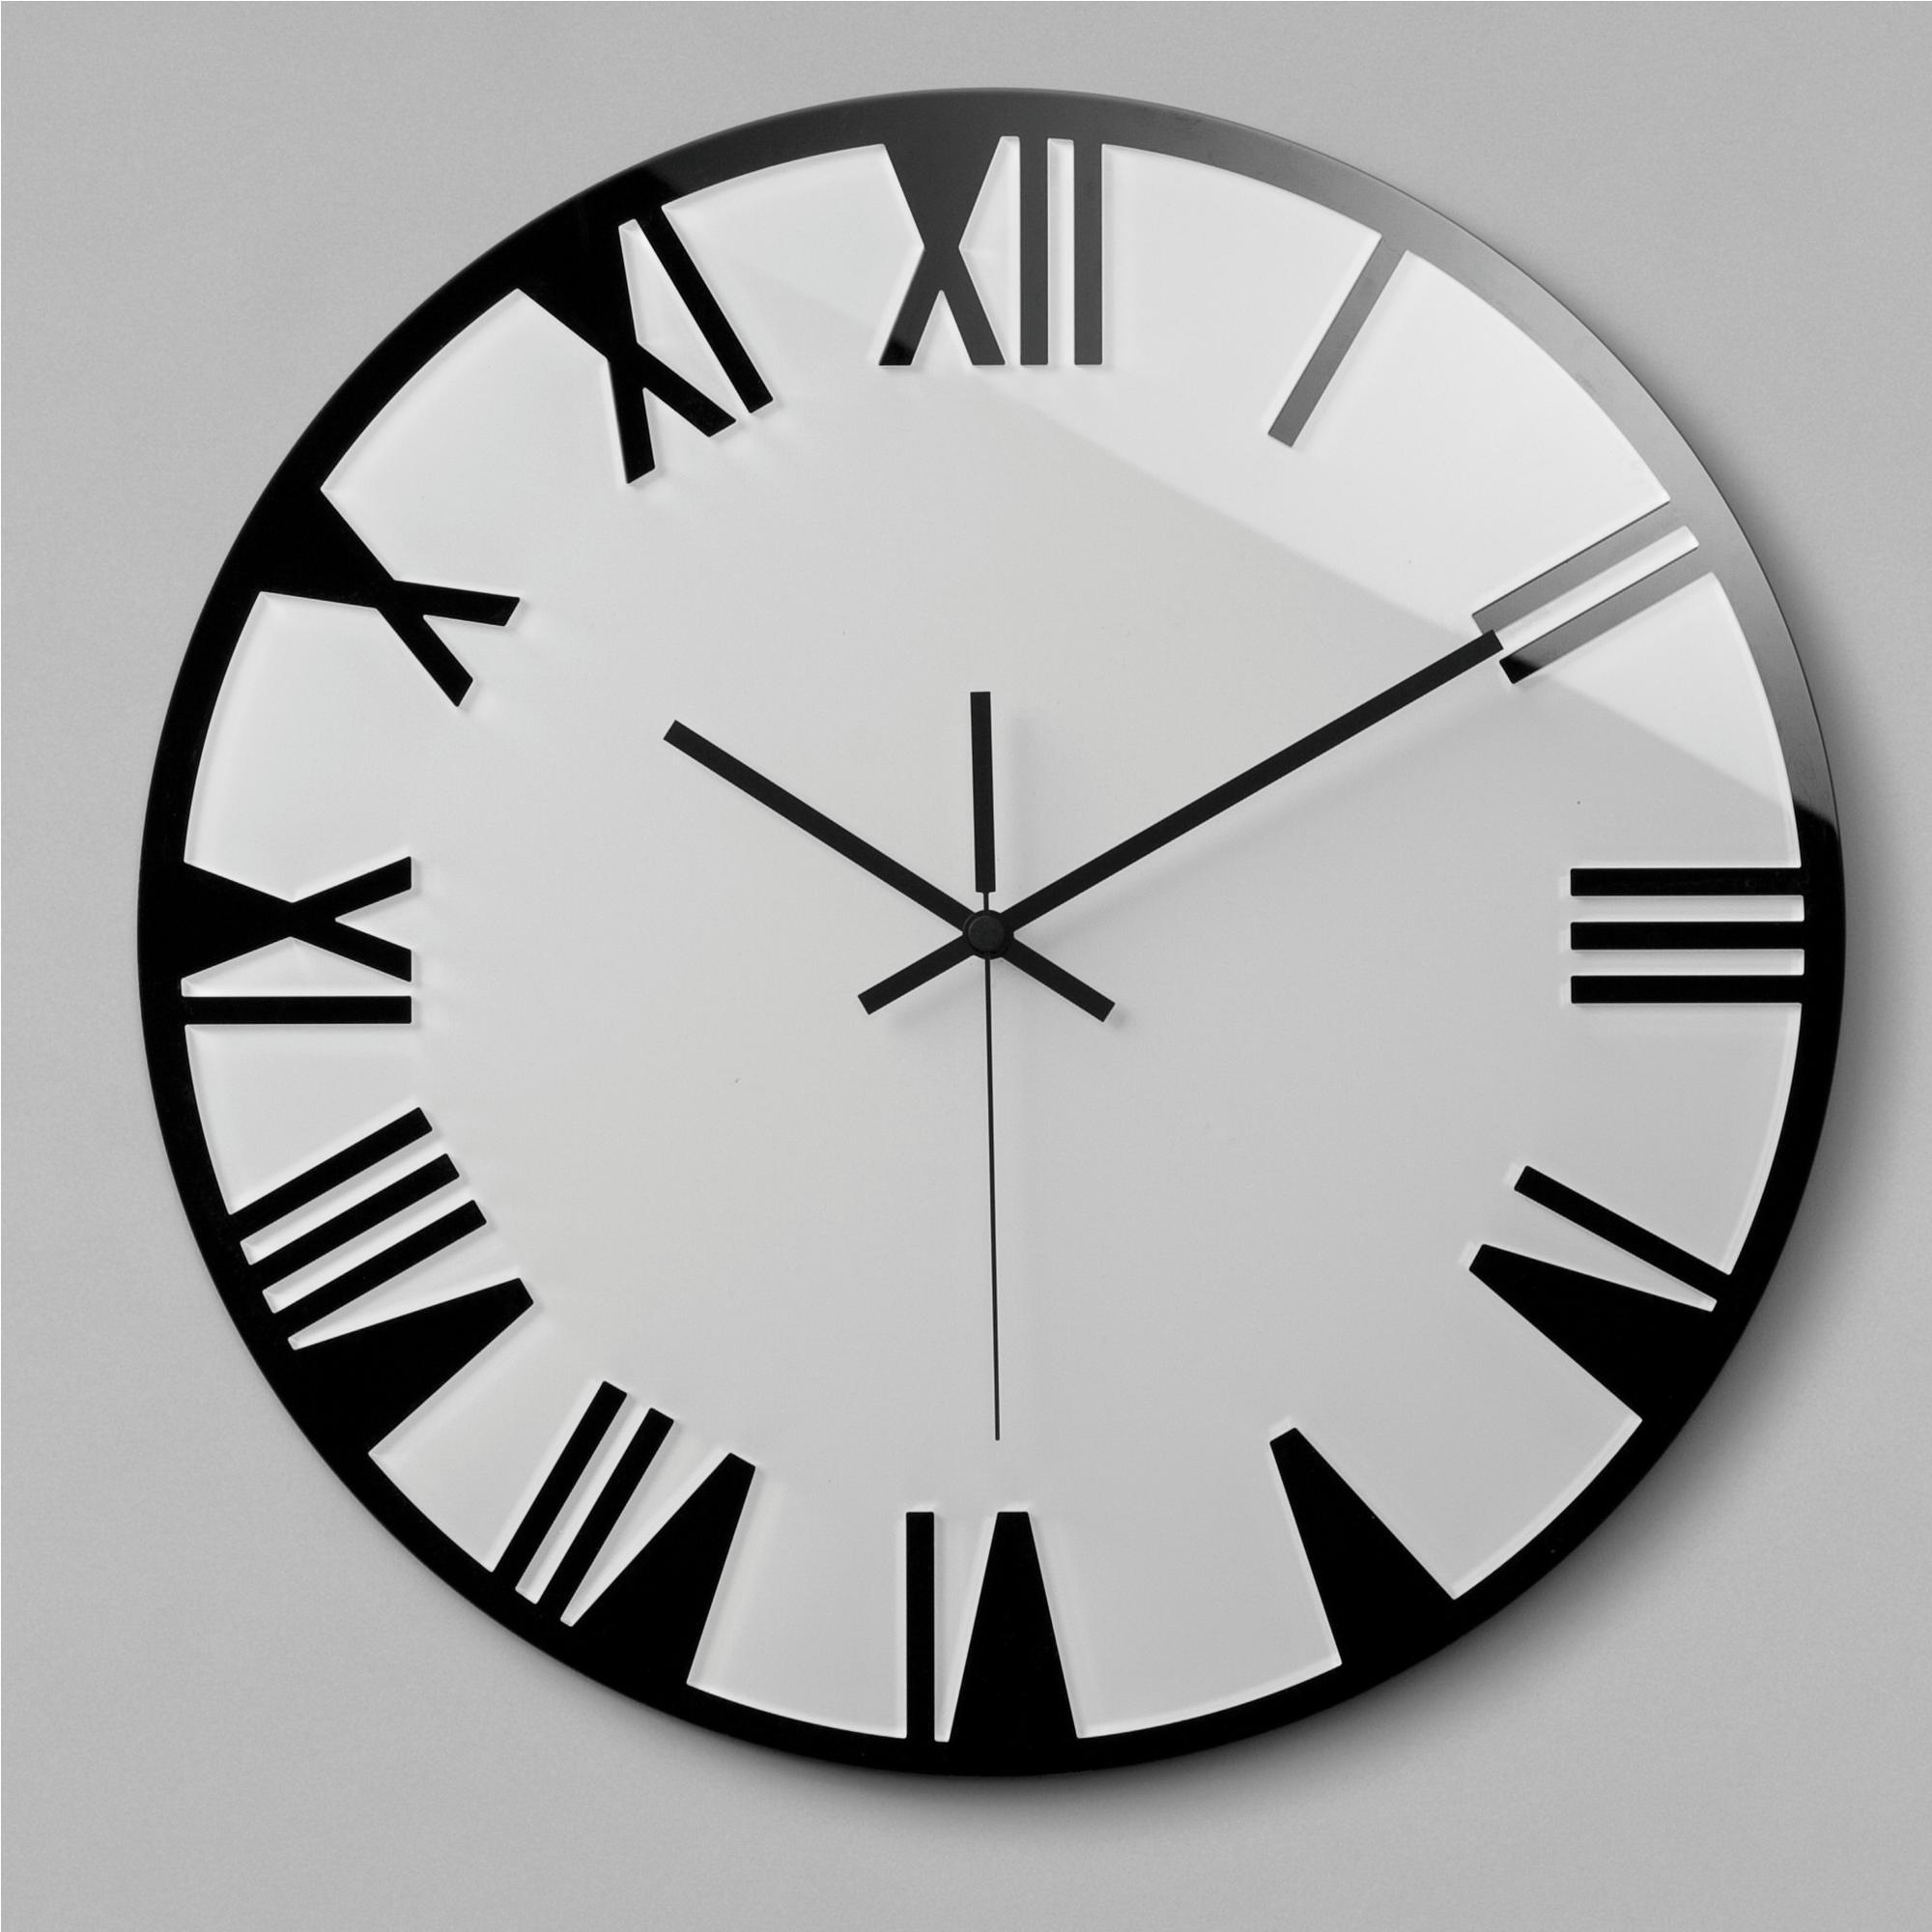 Orologio da parete movimento al quarzo ROMA Big Ø60x2,5 in plexigas bicolore ...